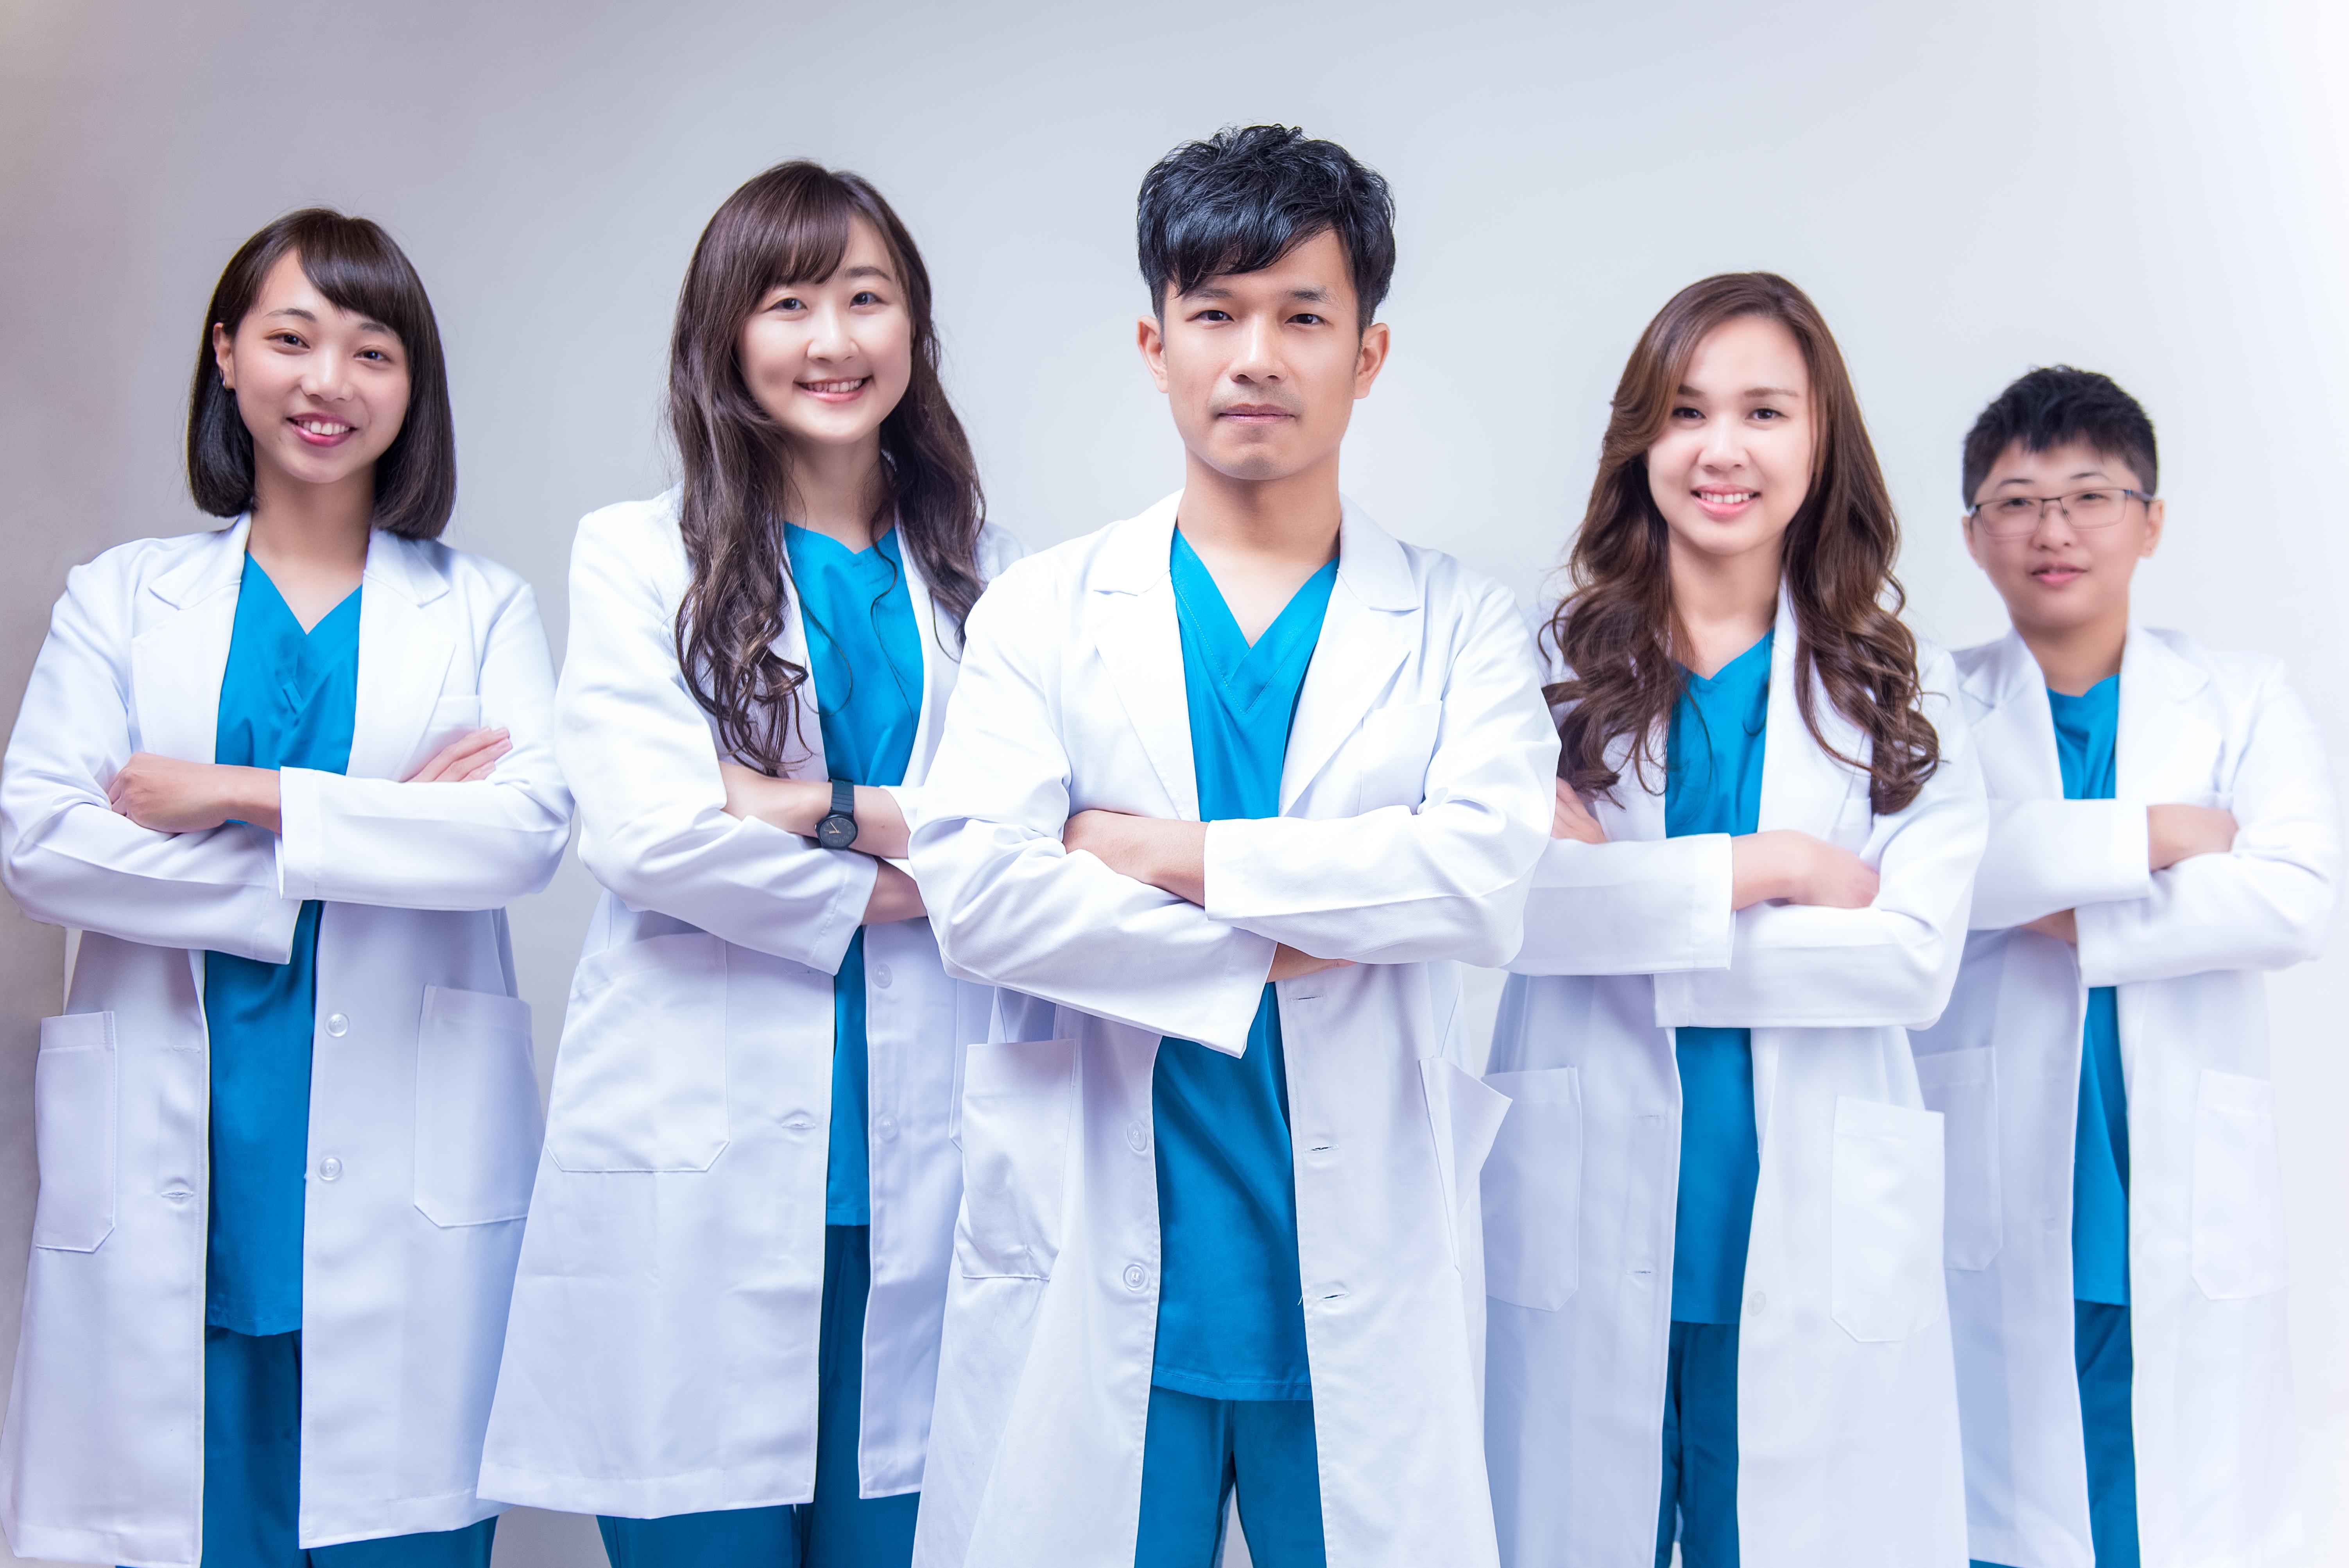 醫師團體形象照